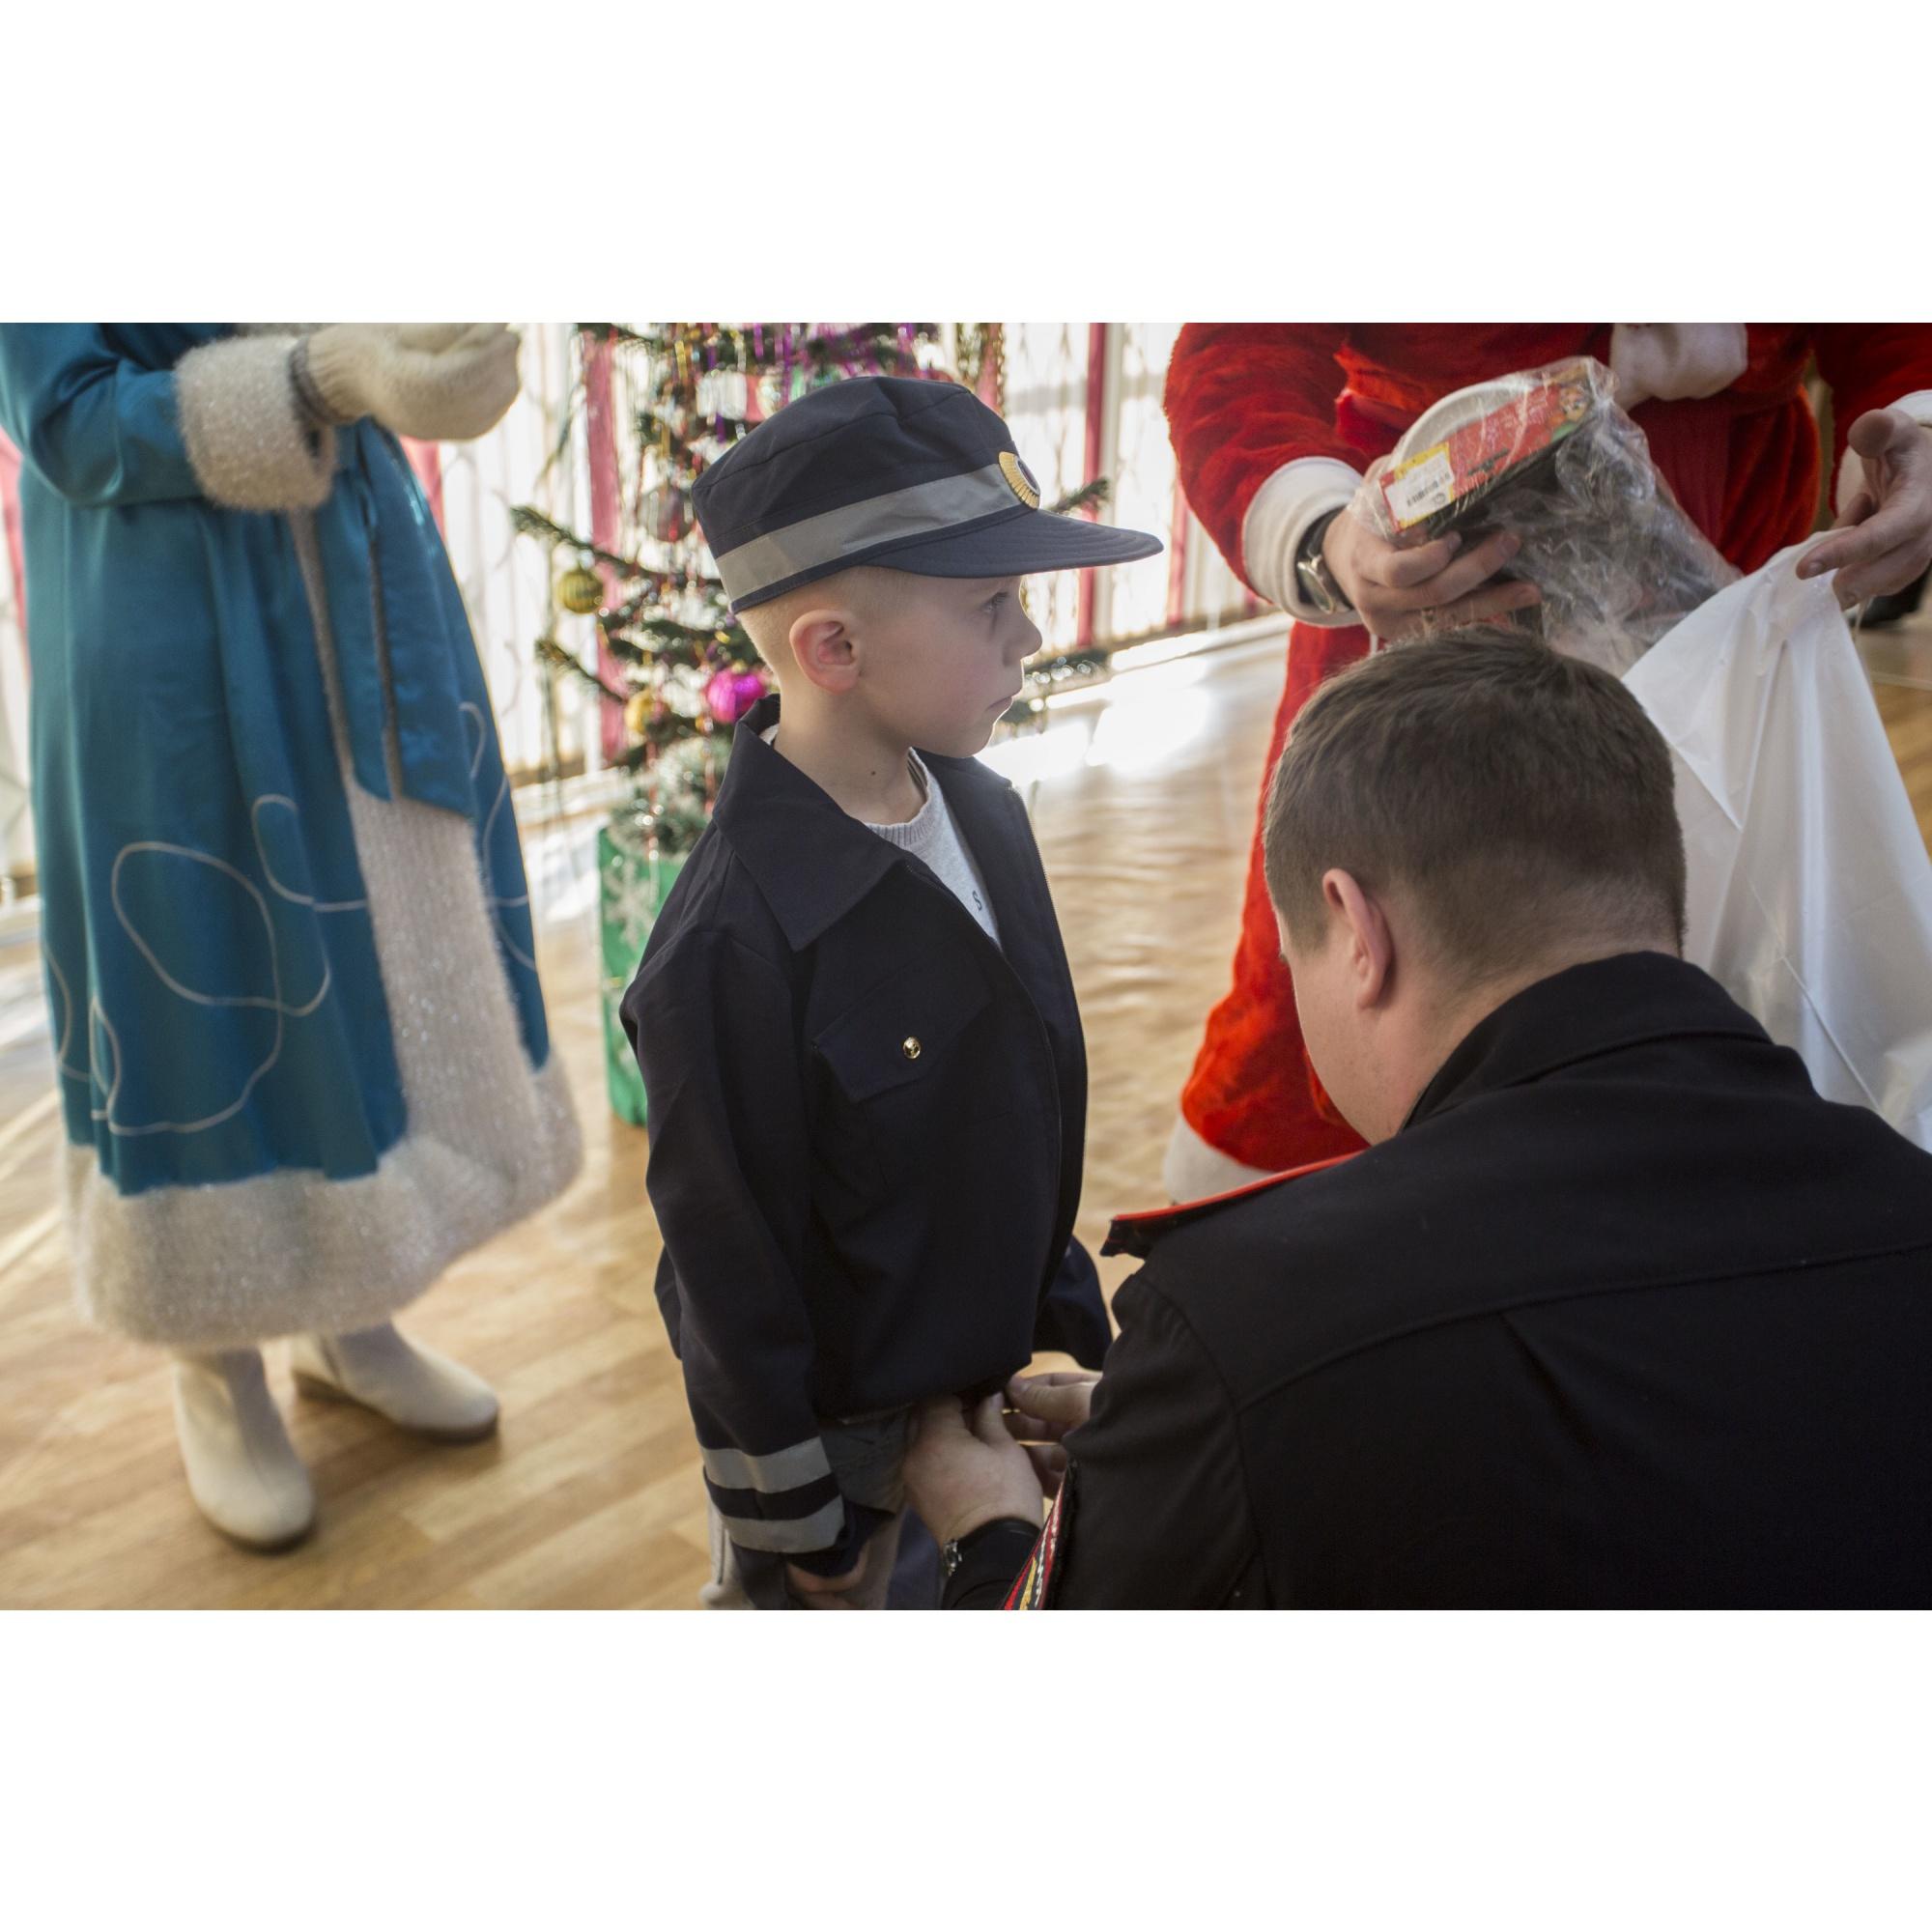 До этого у мальчика была форма полицейского, сшитая мамой